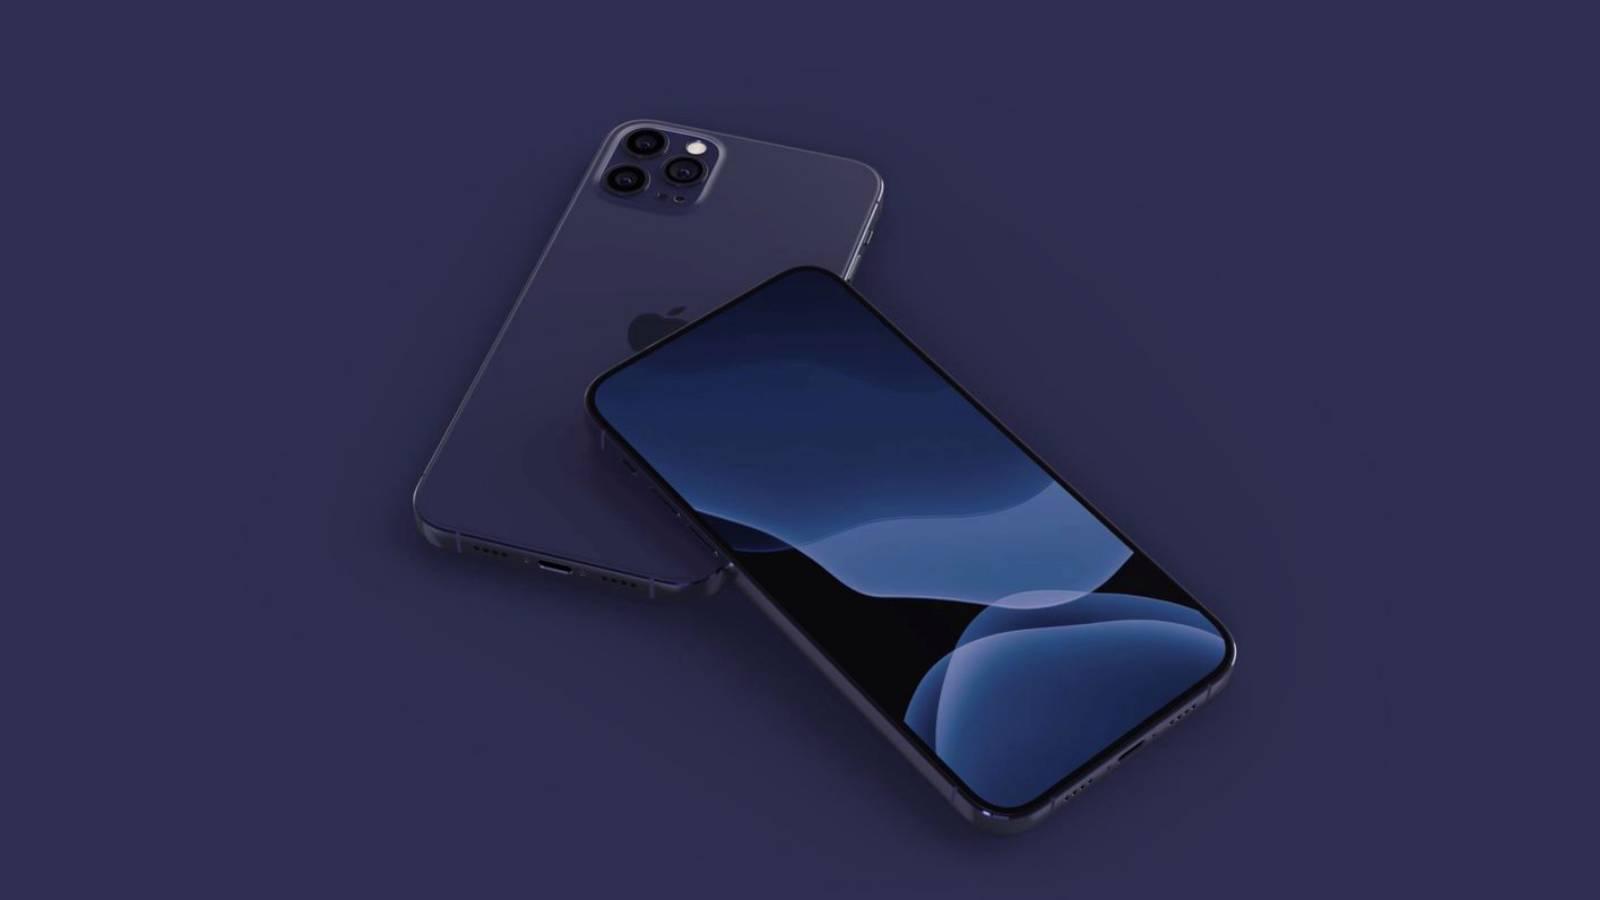 iphone 12 lansare prioritate